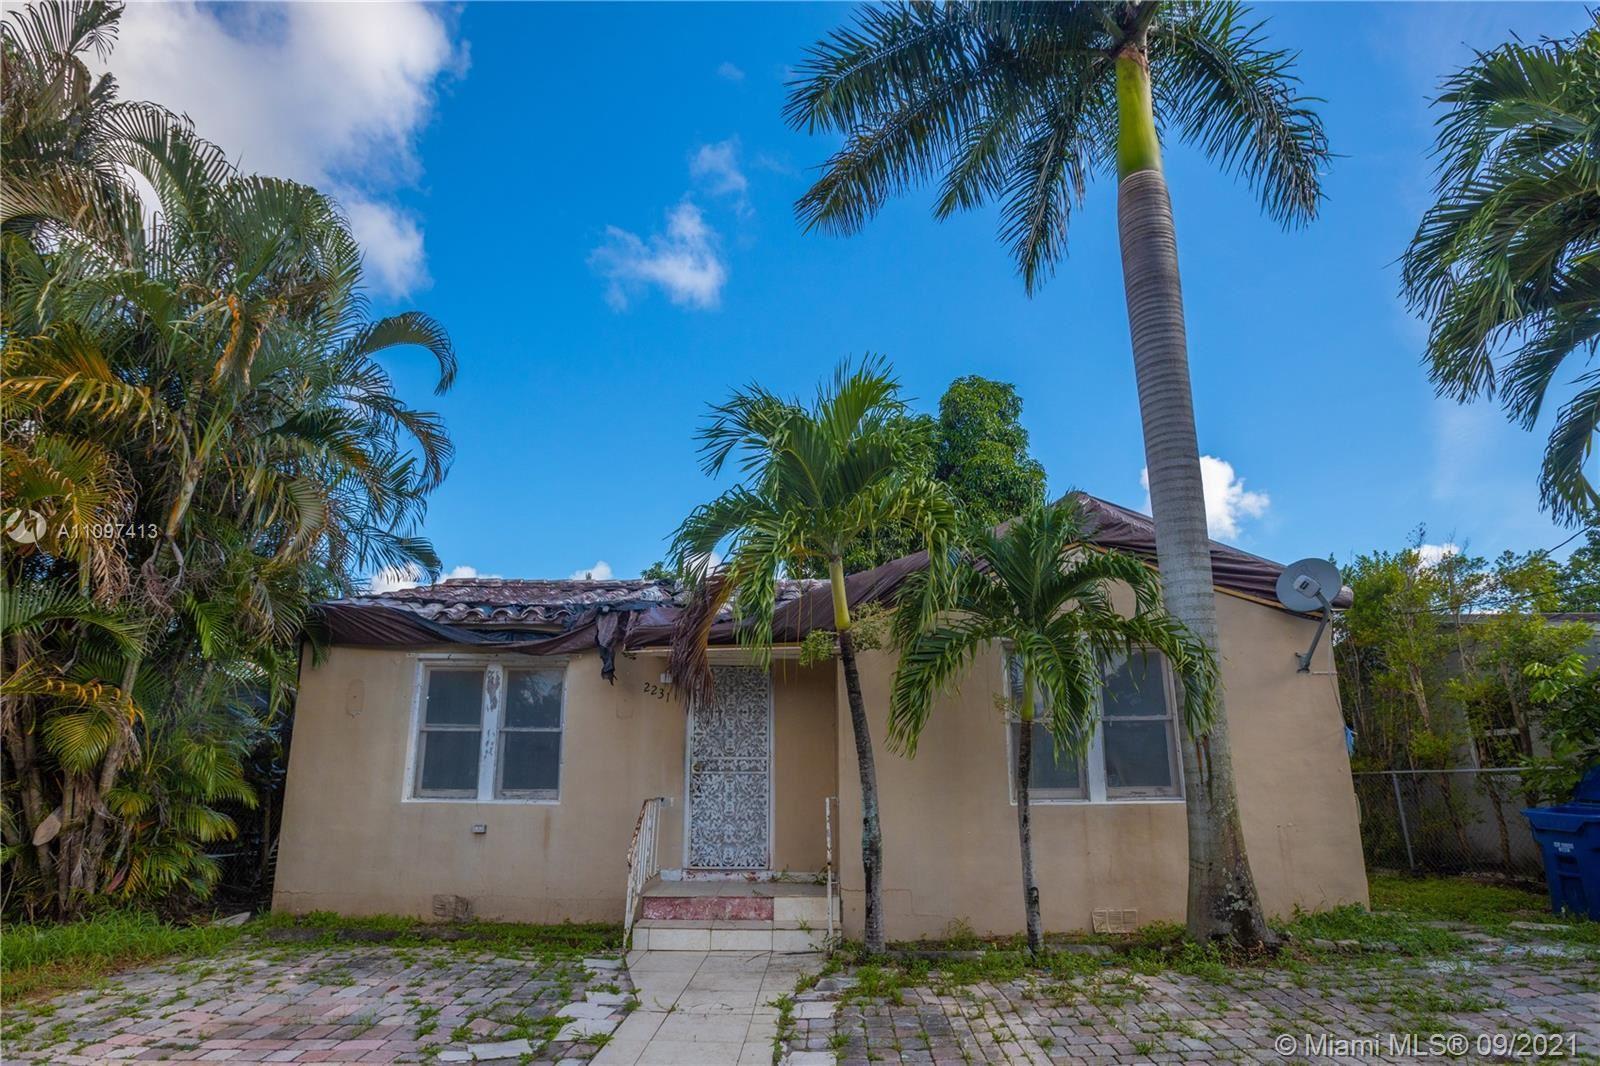 2231 NW 86th St, Miami, FL 33147 - #: A11097413